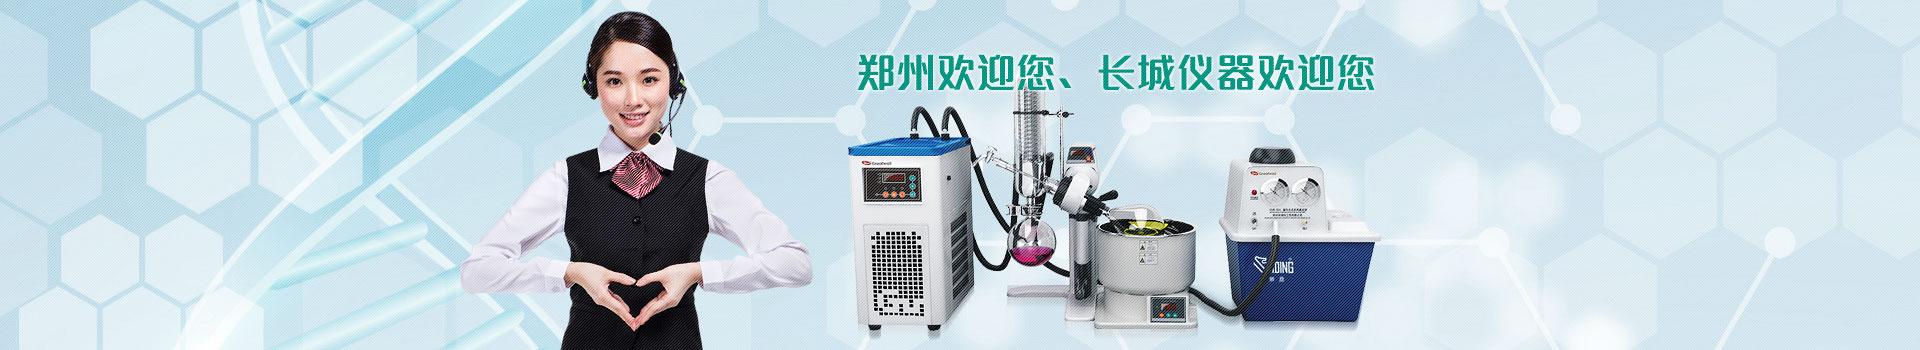 郑州欢迎您、龙8仪器欢迎您